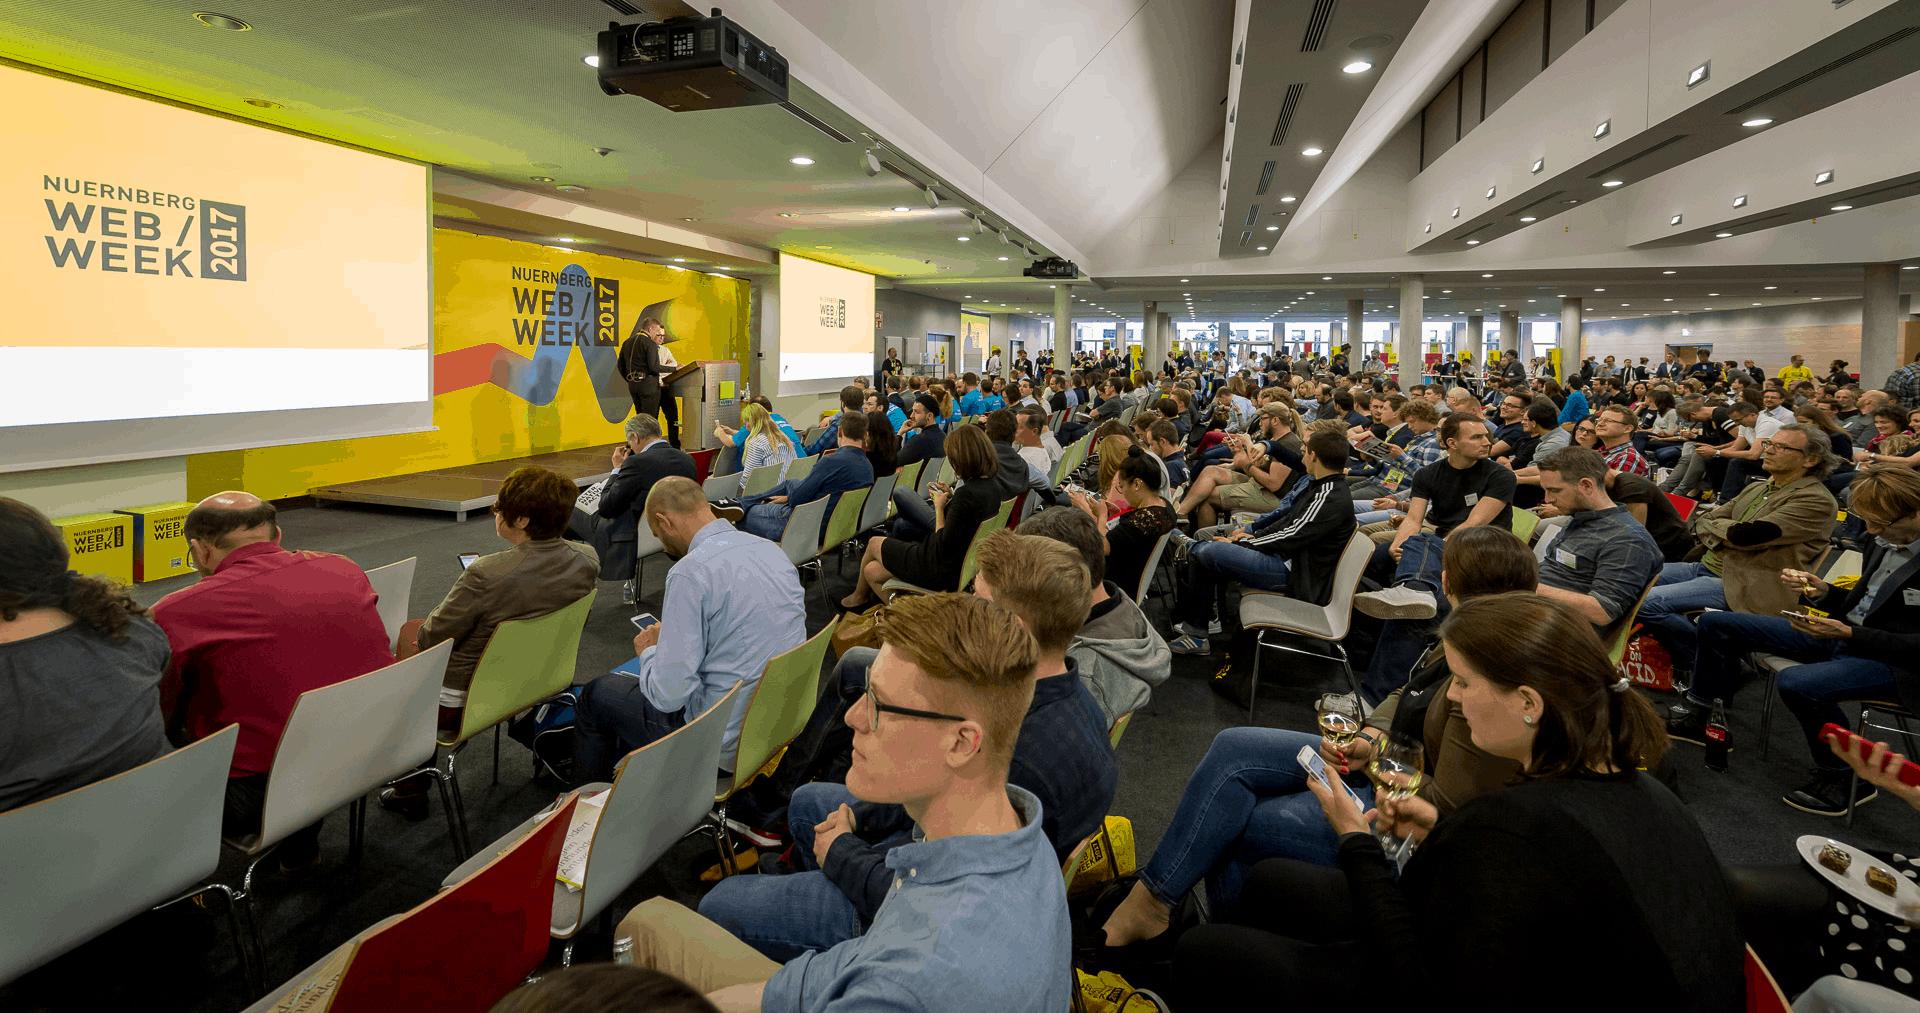 Die Nürnberg Web Week 2017: Größer und vielfältiger als je zuvor